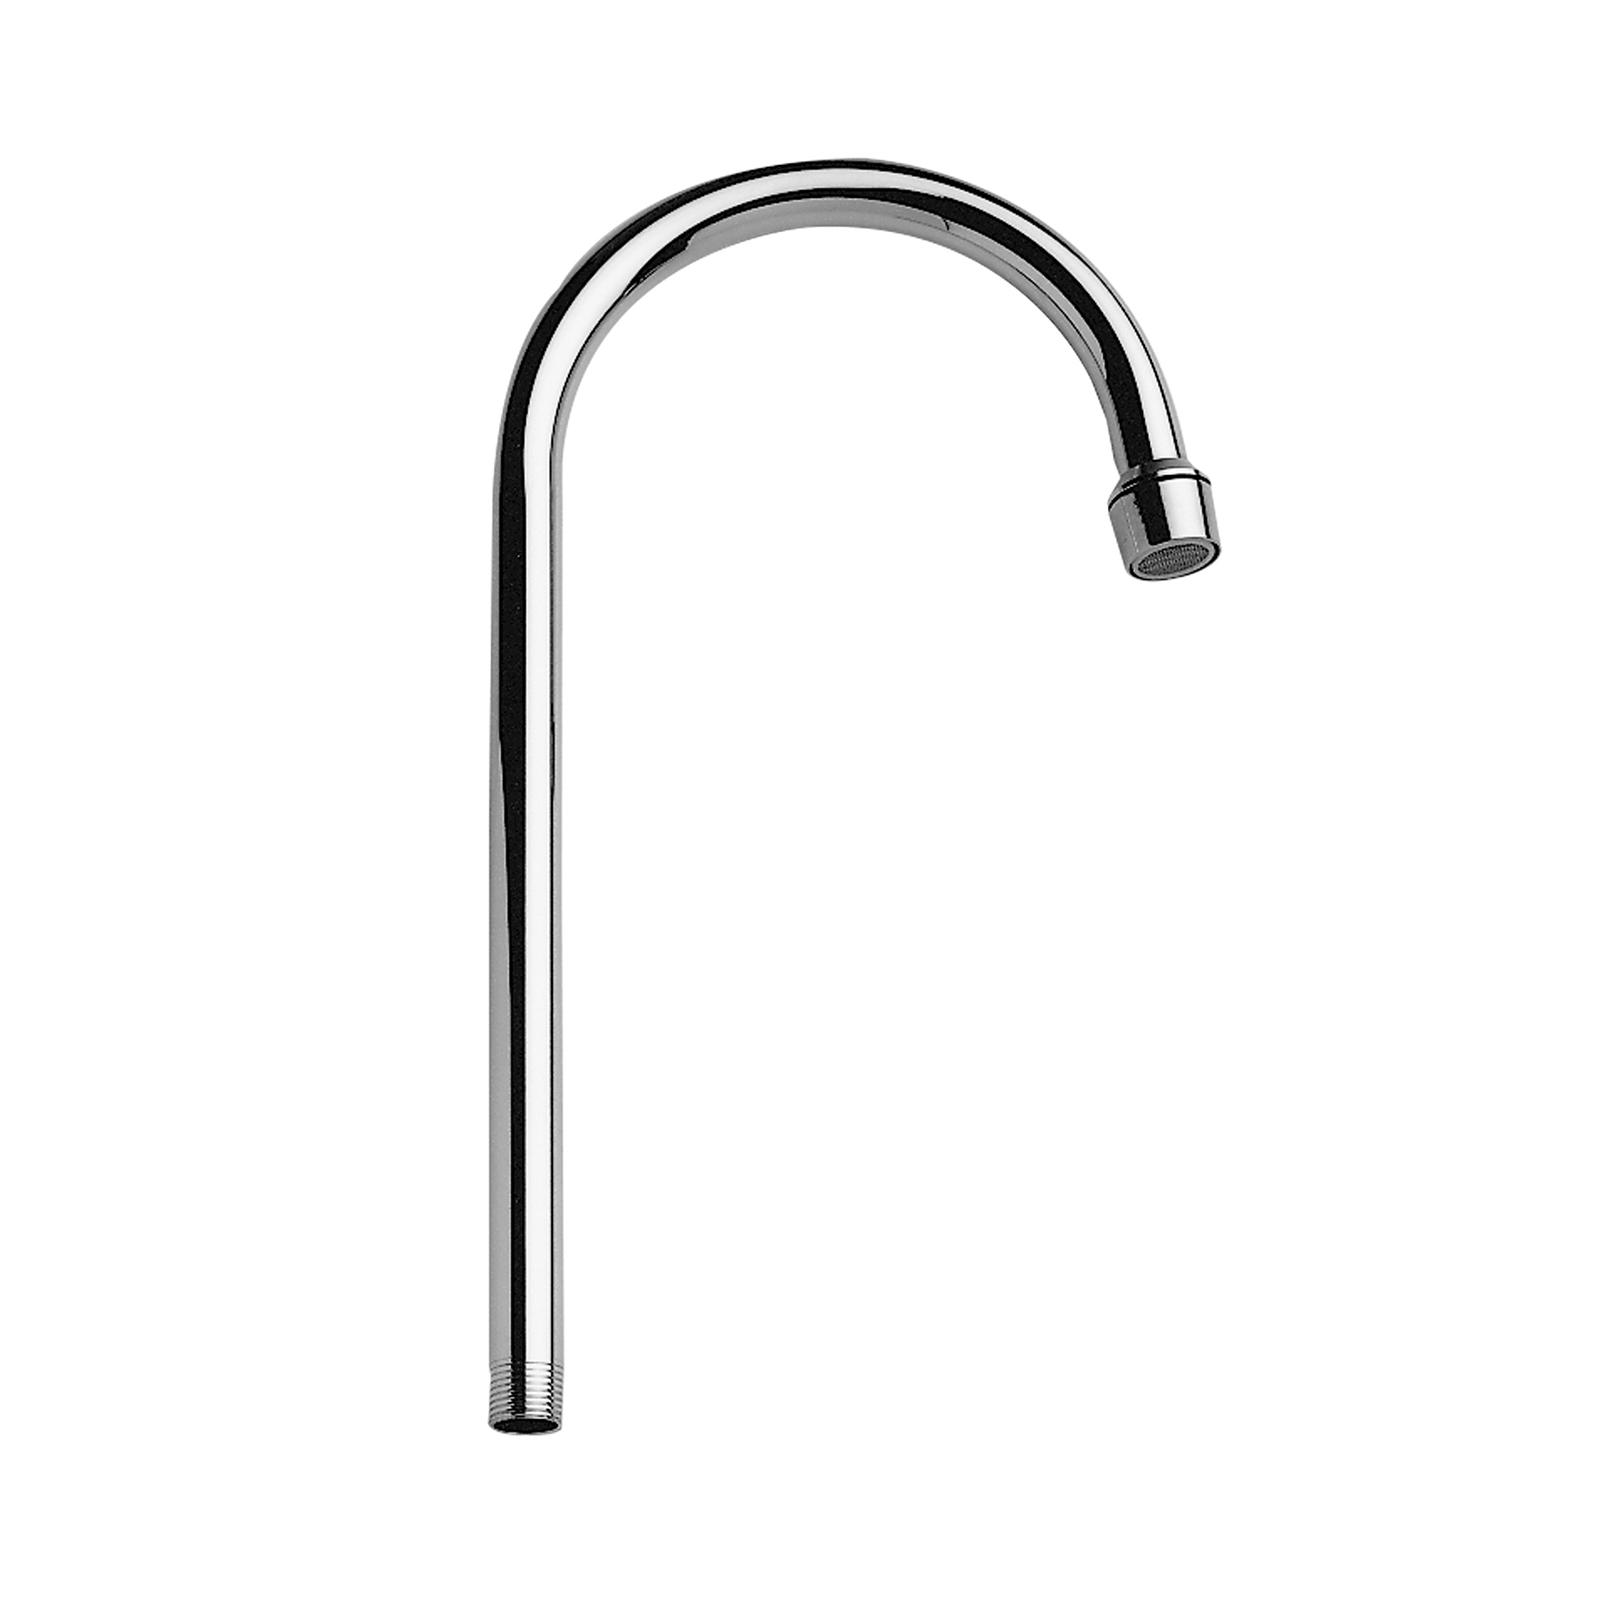 Fisher 3969 faucet, spout / nozzle